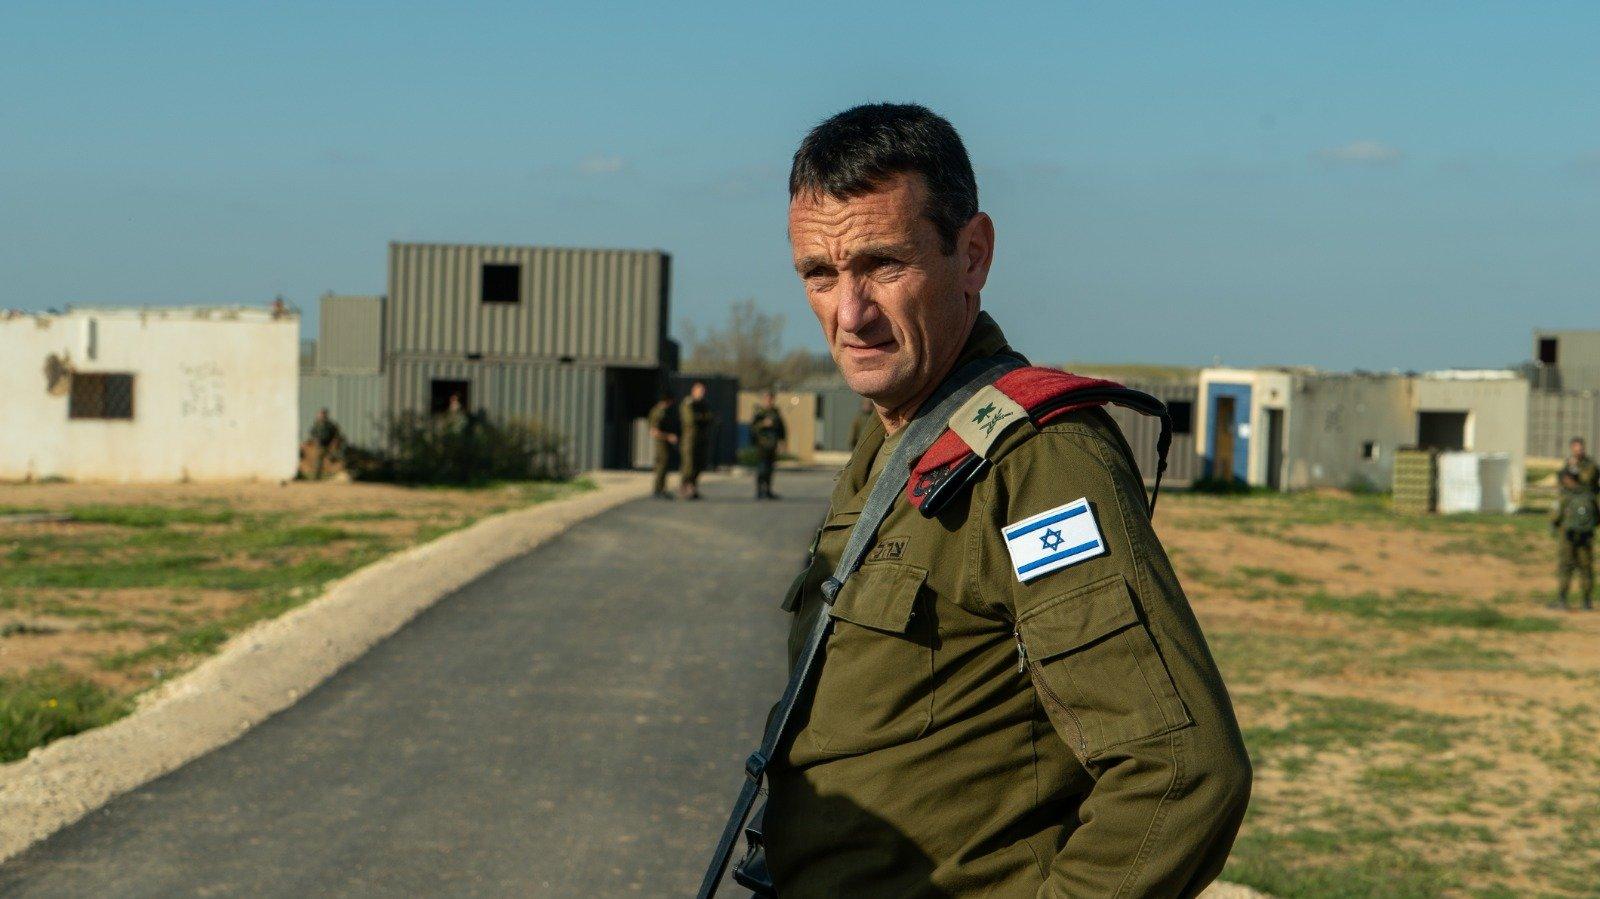 Behatolóként kezelték a leendő izraeli helyettes vezérkari főnököt egy katonai bázison